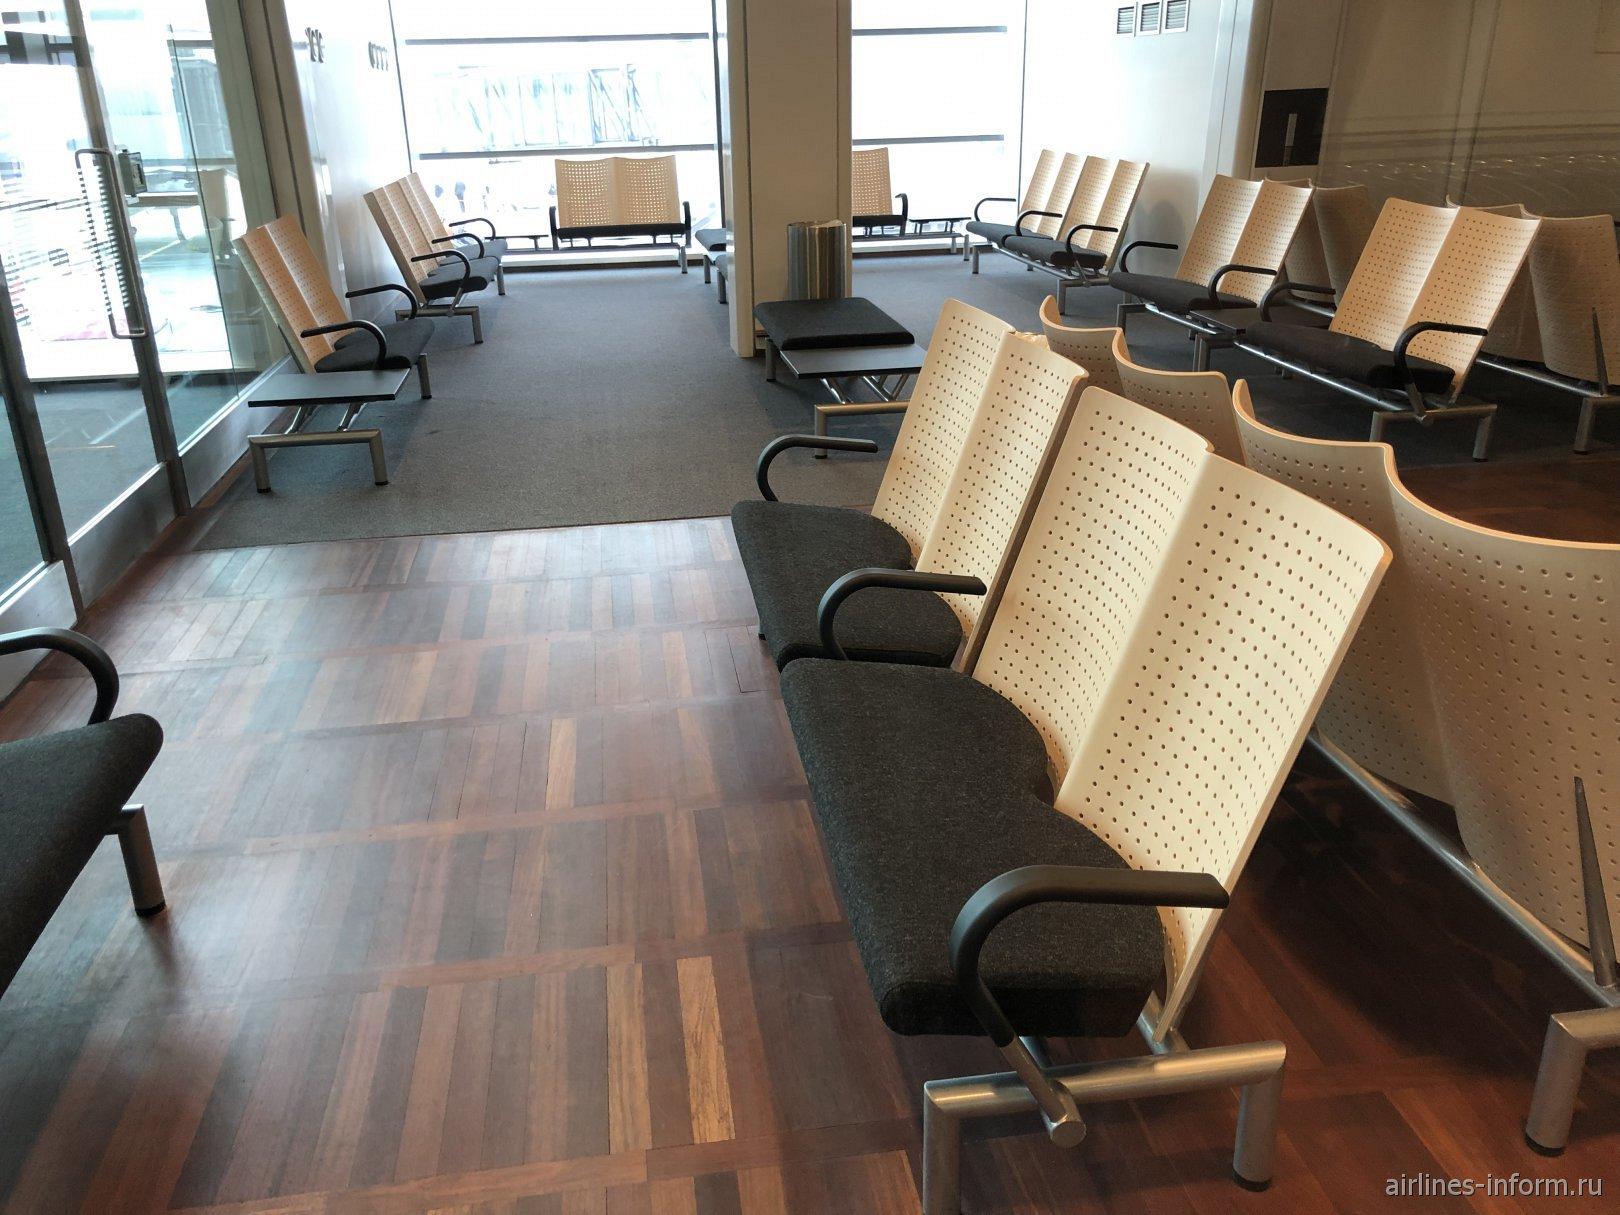 Кресла для пассажиров у гейтов в зоне F терминала 2 аэропорта Копенгаген Каструп